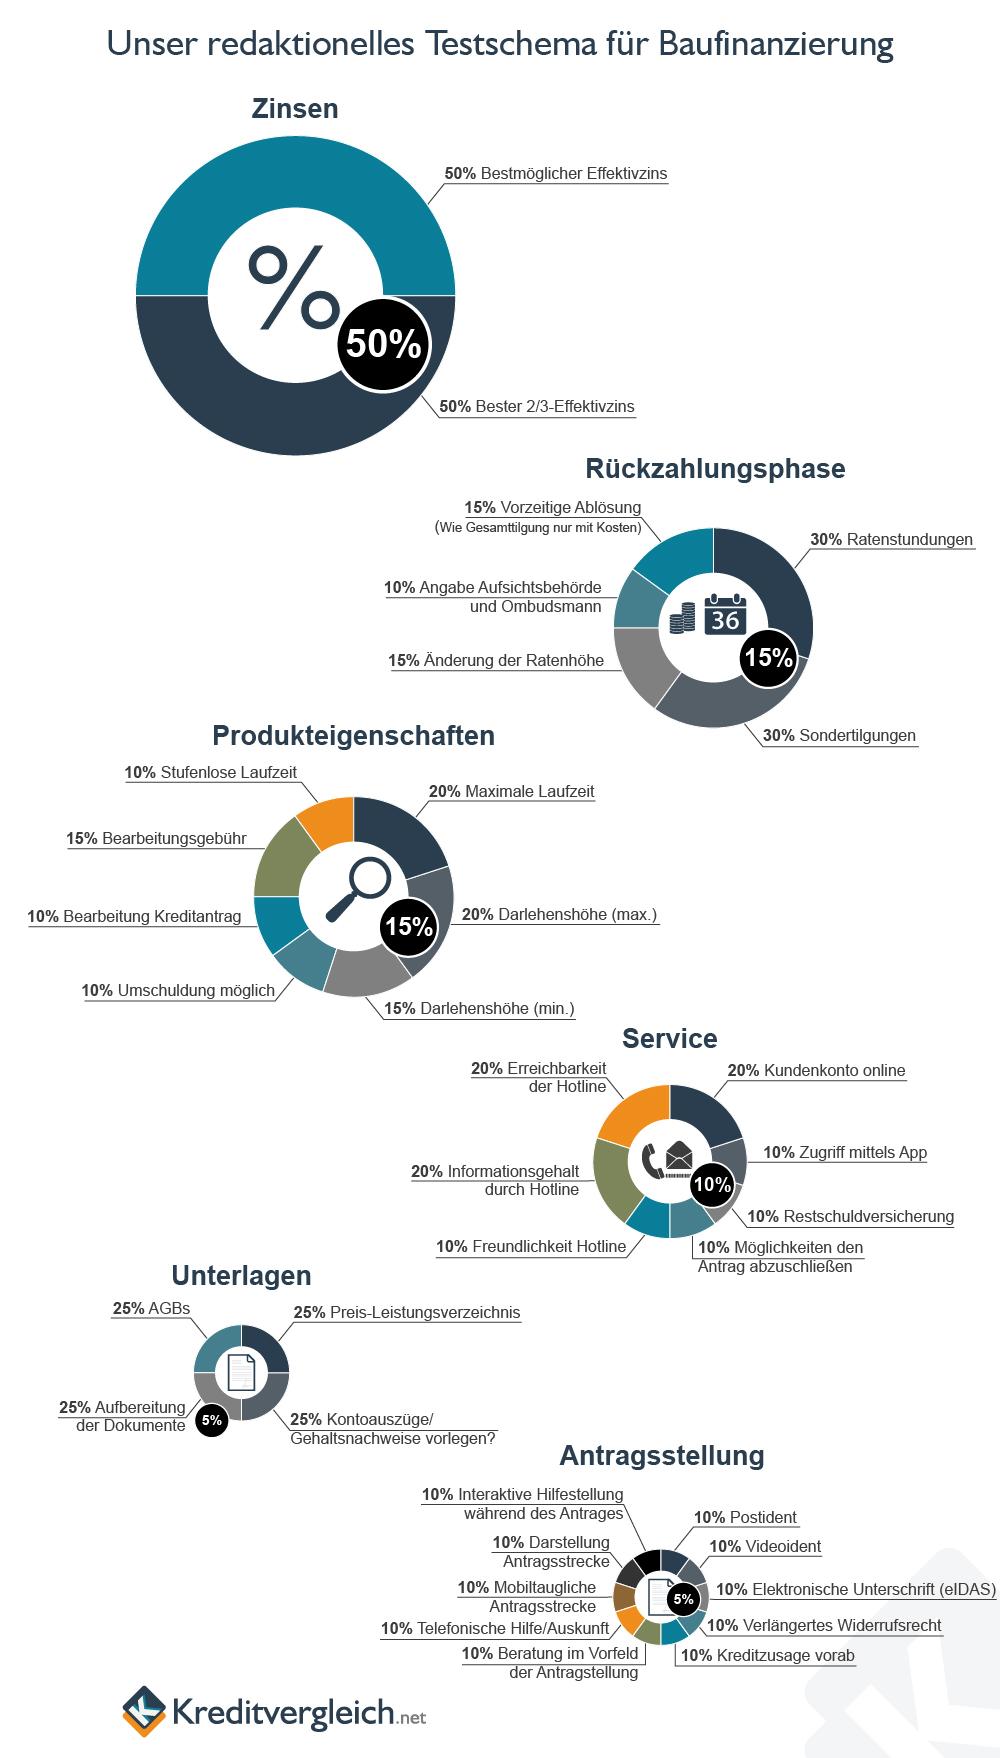 Eine Infografik mit Kreisdiagrammen über unser redaktionelles Testschema für Baufinanzierungen